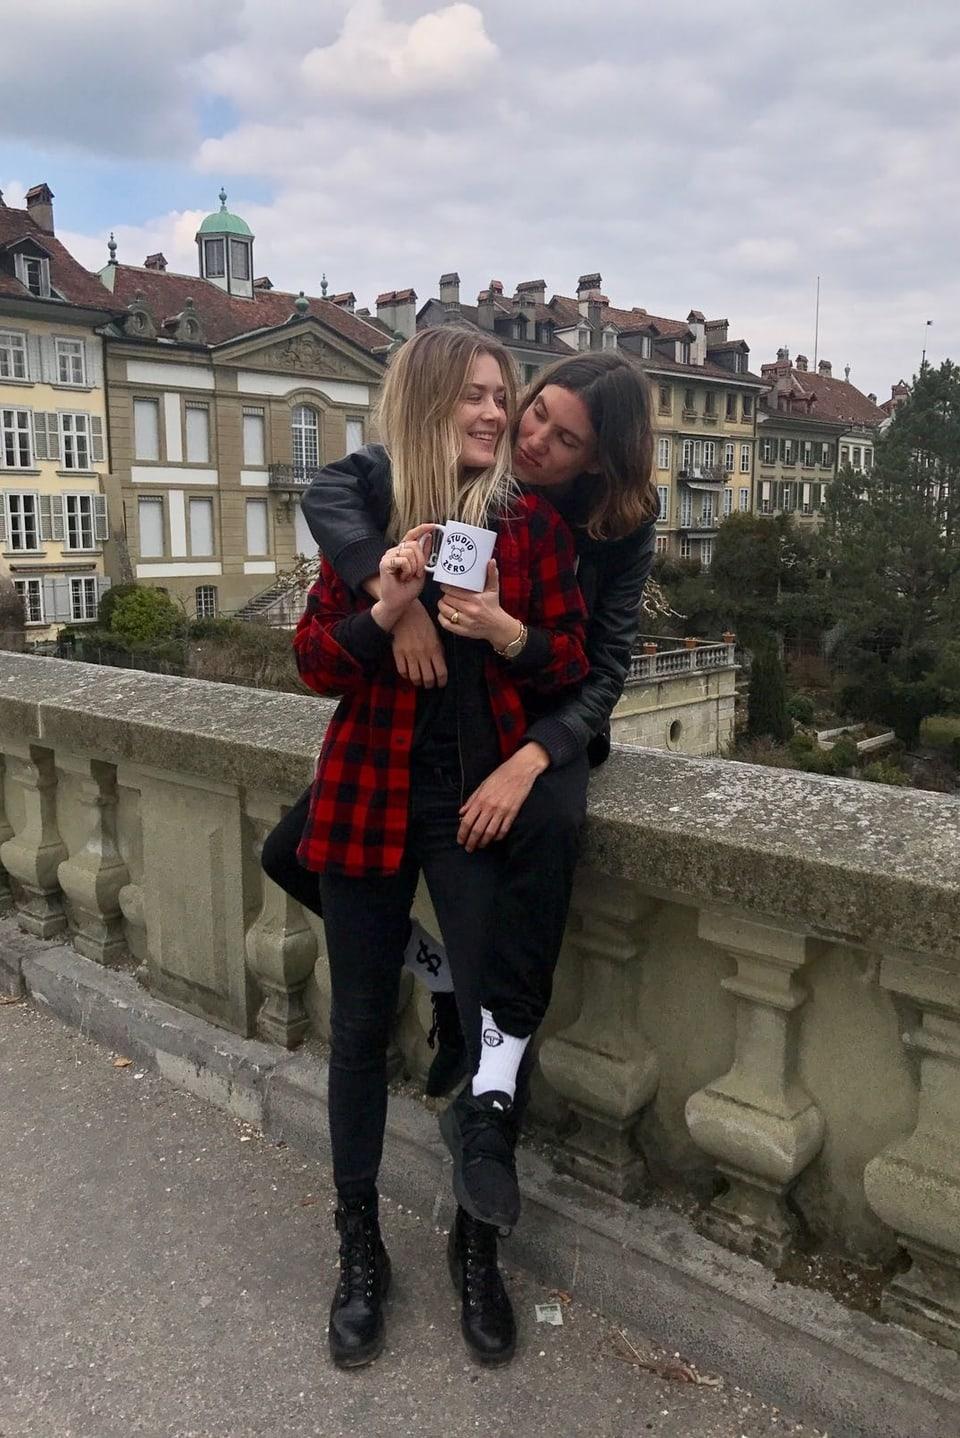 Dominique Rinderknecht und Tamy Glauser auf einer Brücke, mit Tasse in der Hand